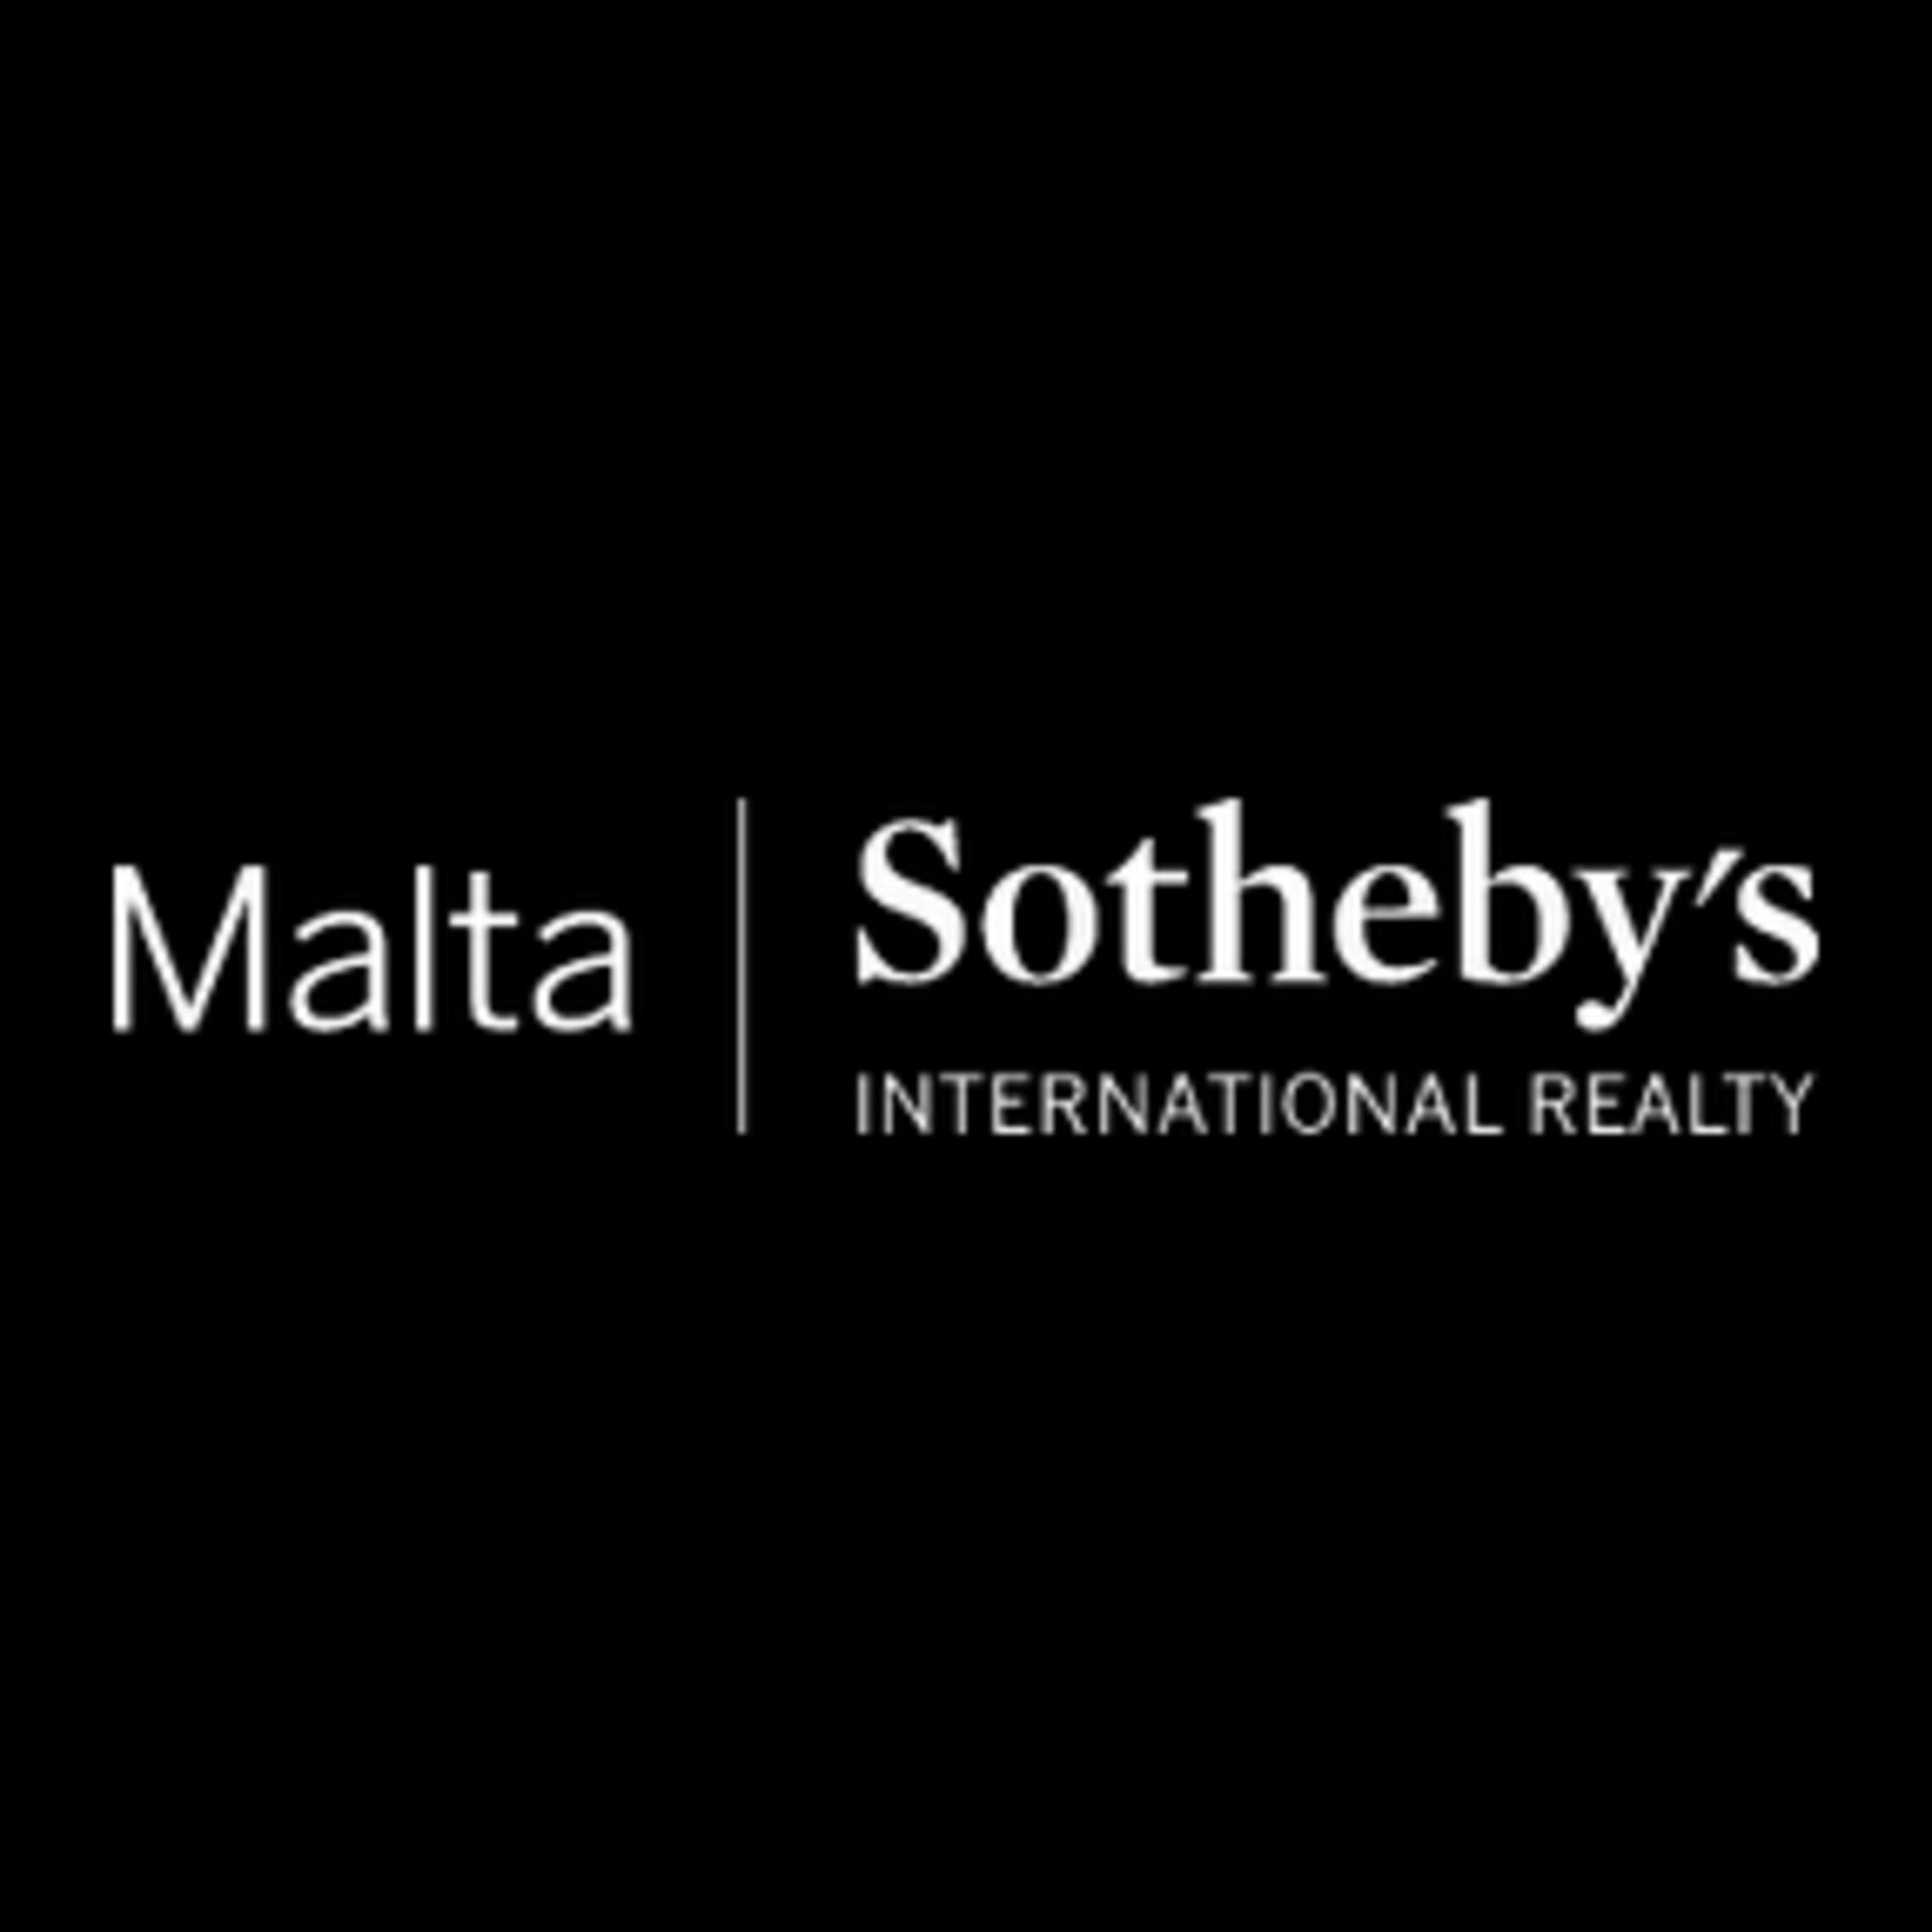 malta sotheby s- company logo